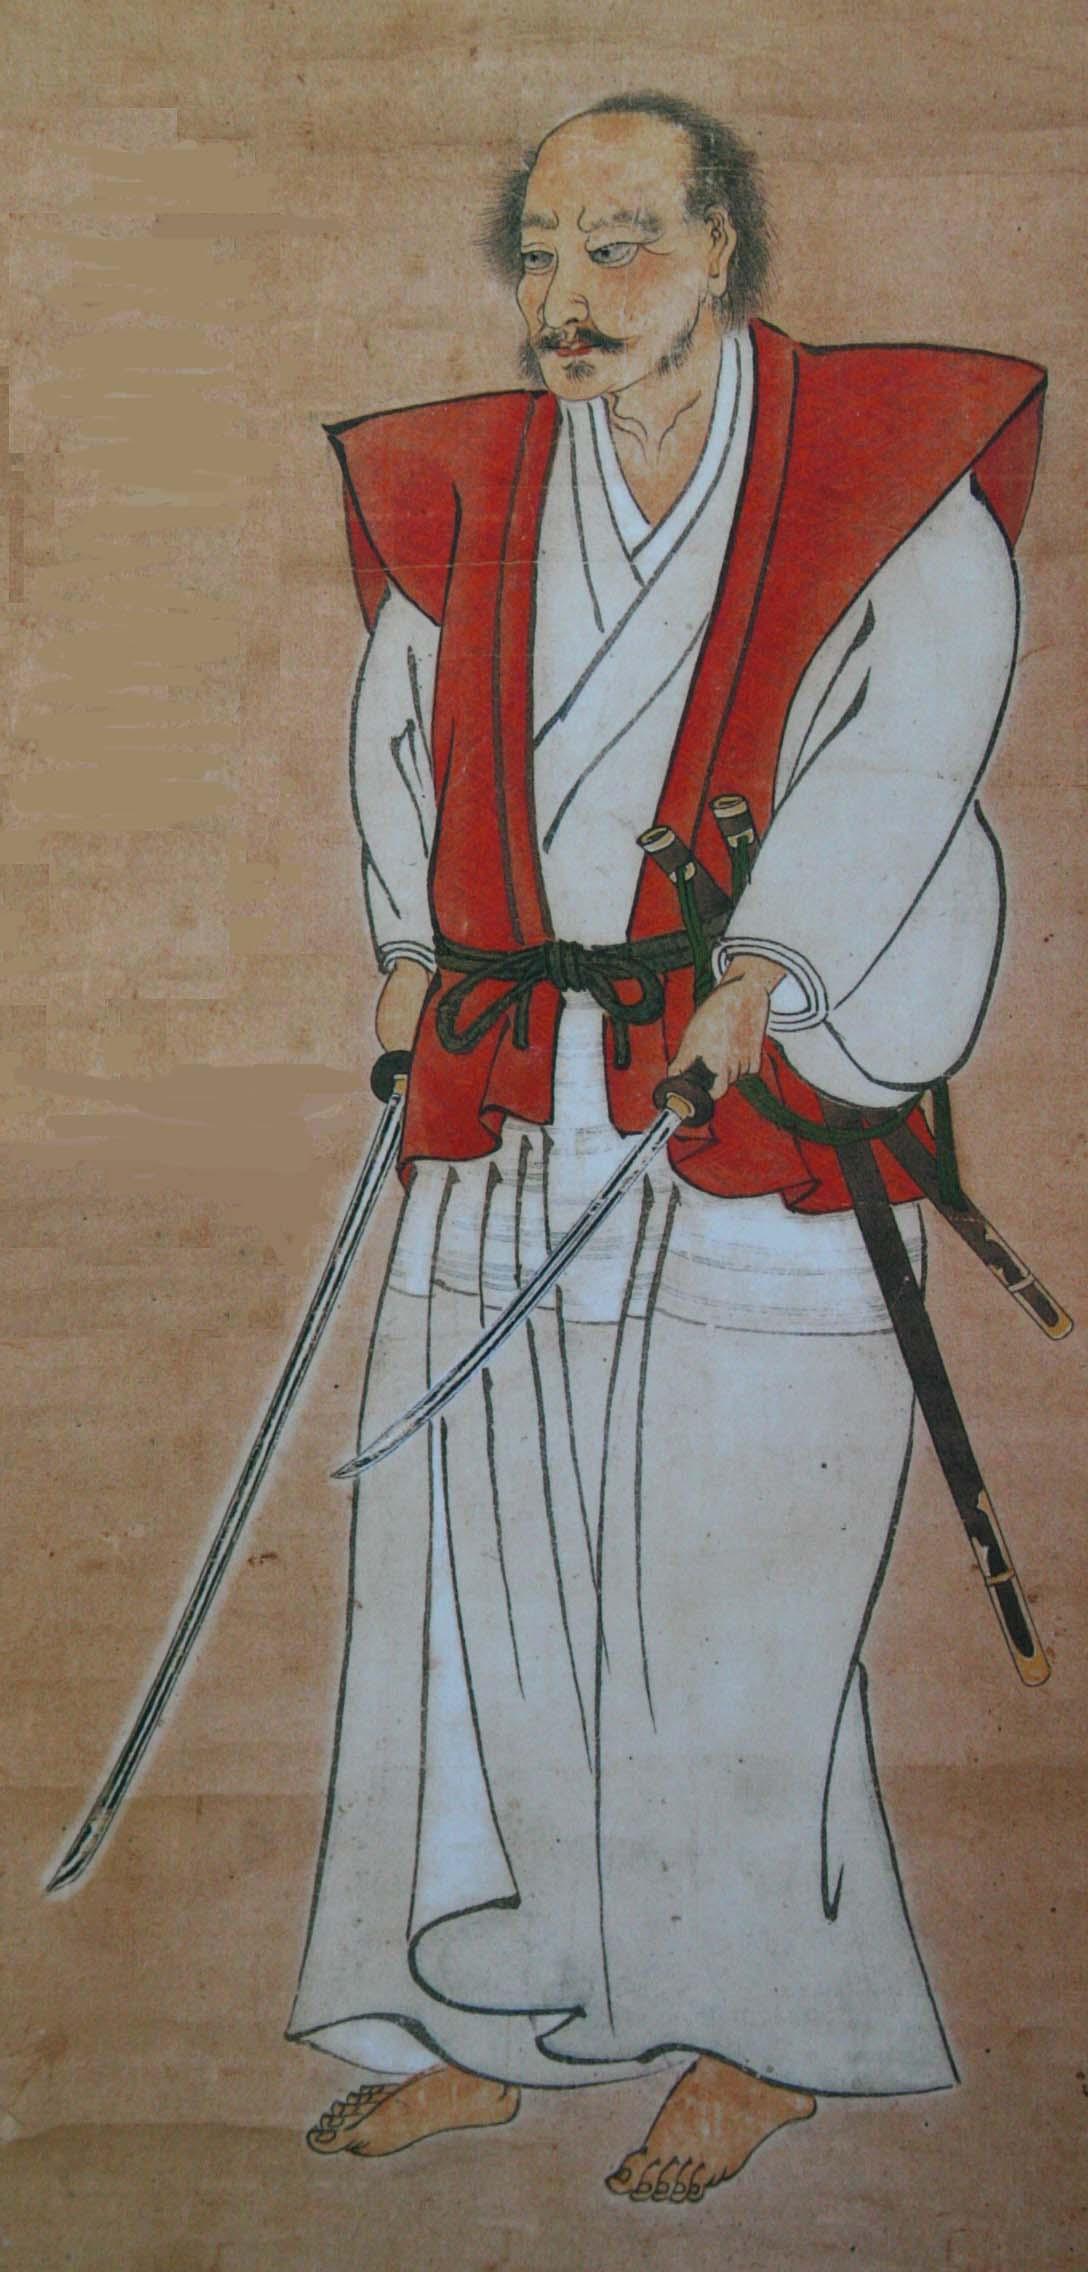 日本一の剣豪!?宮本武蔵の生涯と人物像まとめ!伝説・名言・死因も解説